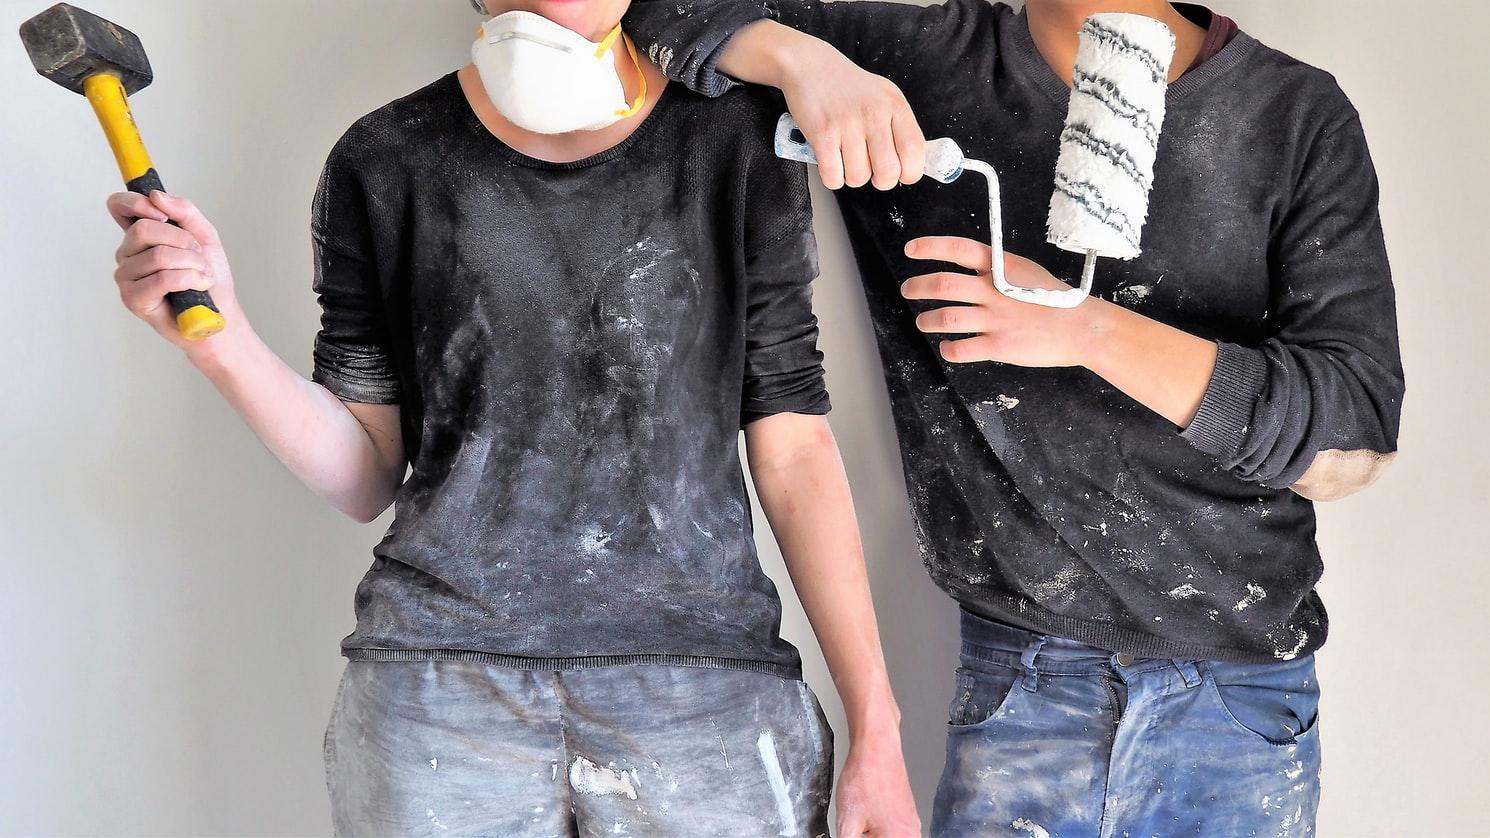 уборка после ремонта для организаций, клининг, керхер, Clean Bee, Одесса, Одесская область